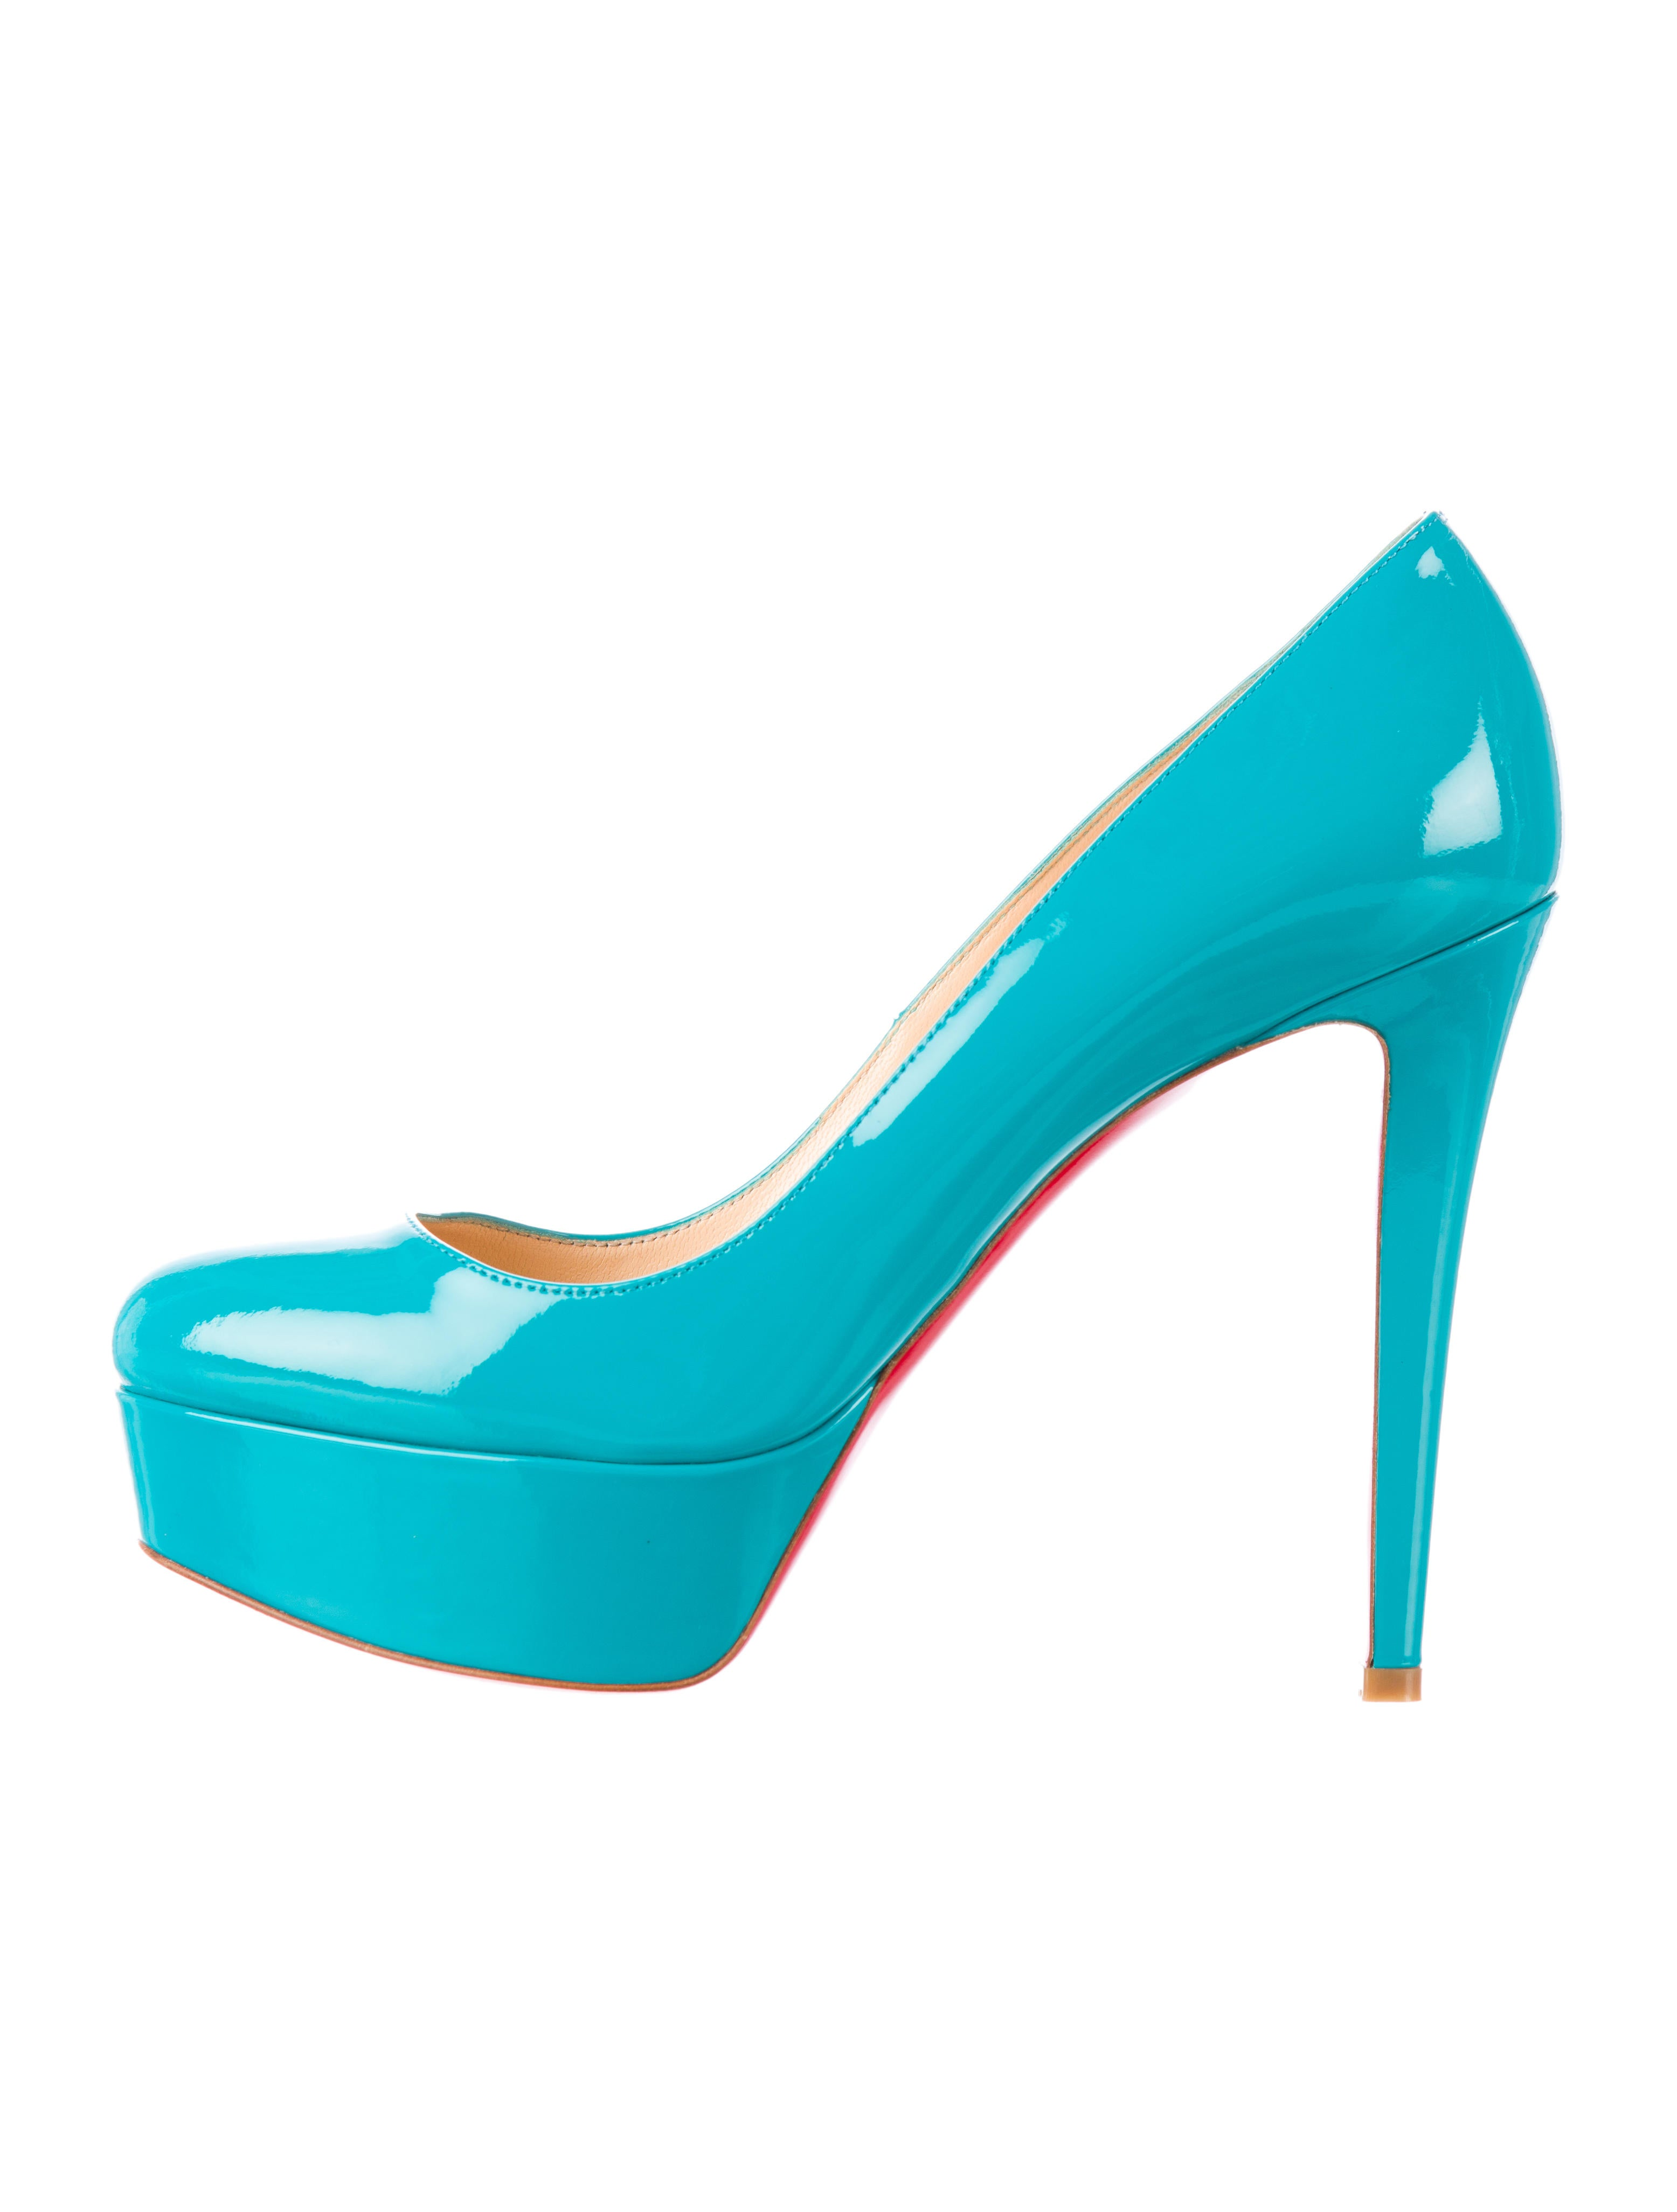 spiked mens shoes - Artesur ? christian louboutin patent leather Bianca platform pumps ...